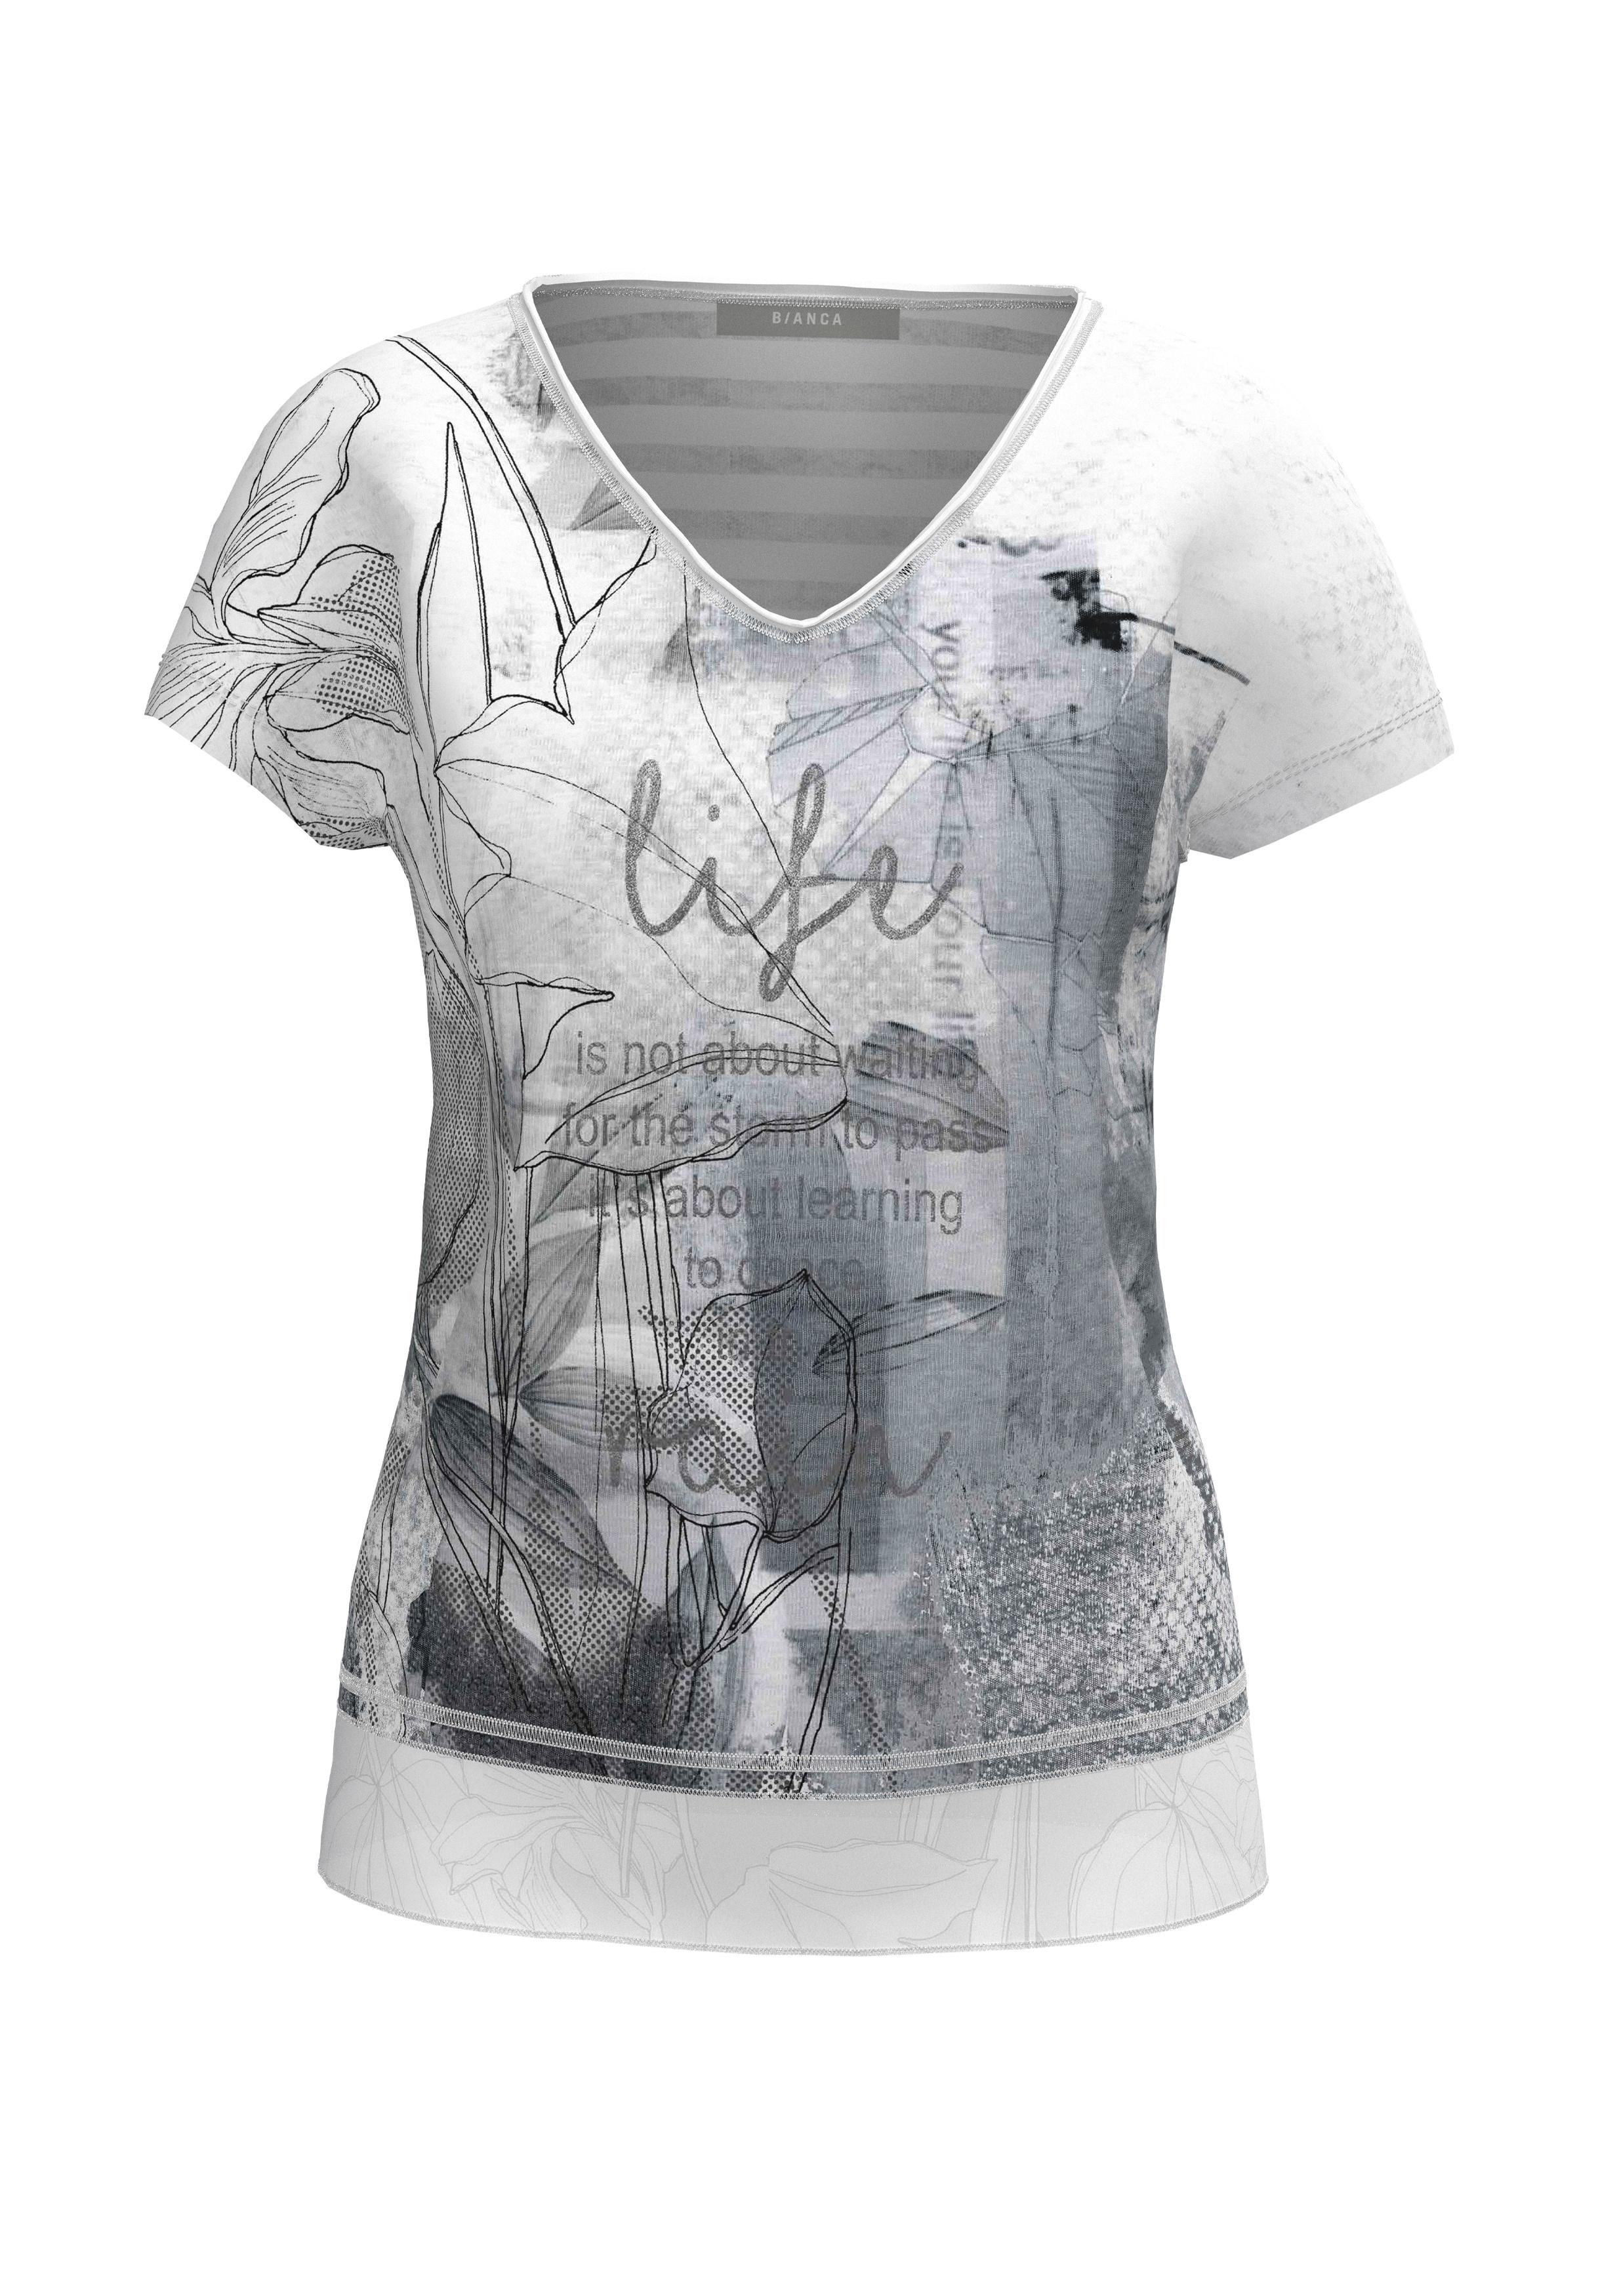 bianca -  Print-Shirt JULIE, mit Wording und Metallic-Effekt